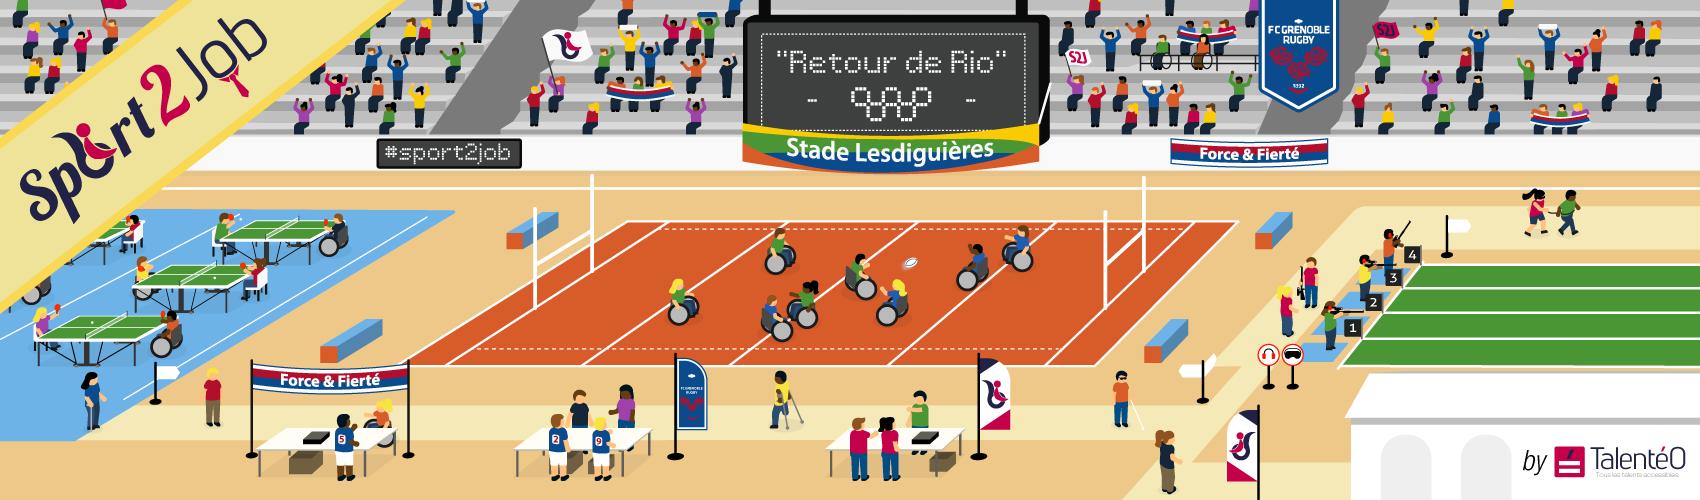 Sport2Job : Un tournoi multisport pour le retour de Rio !